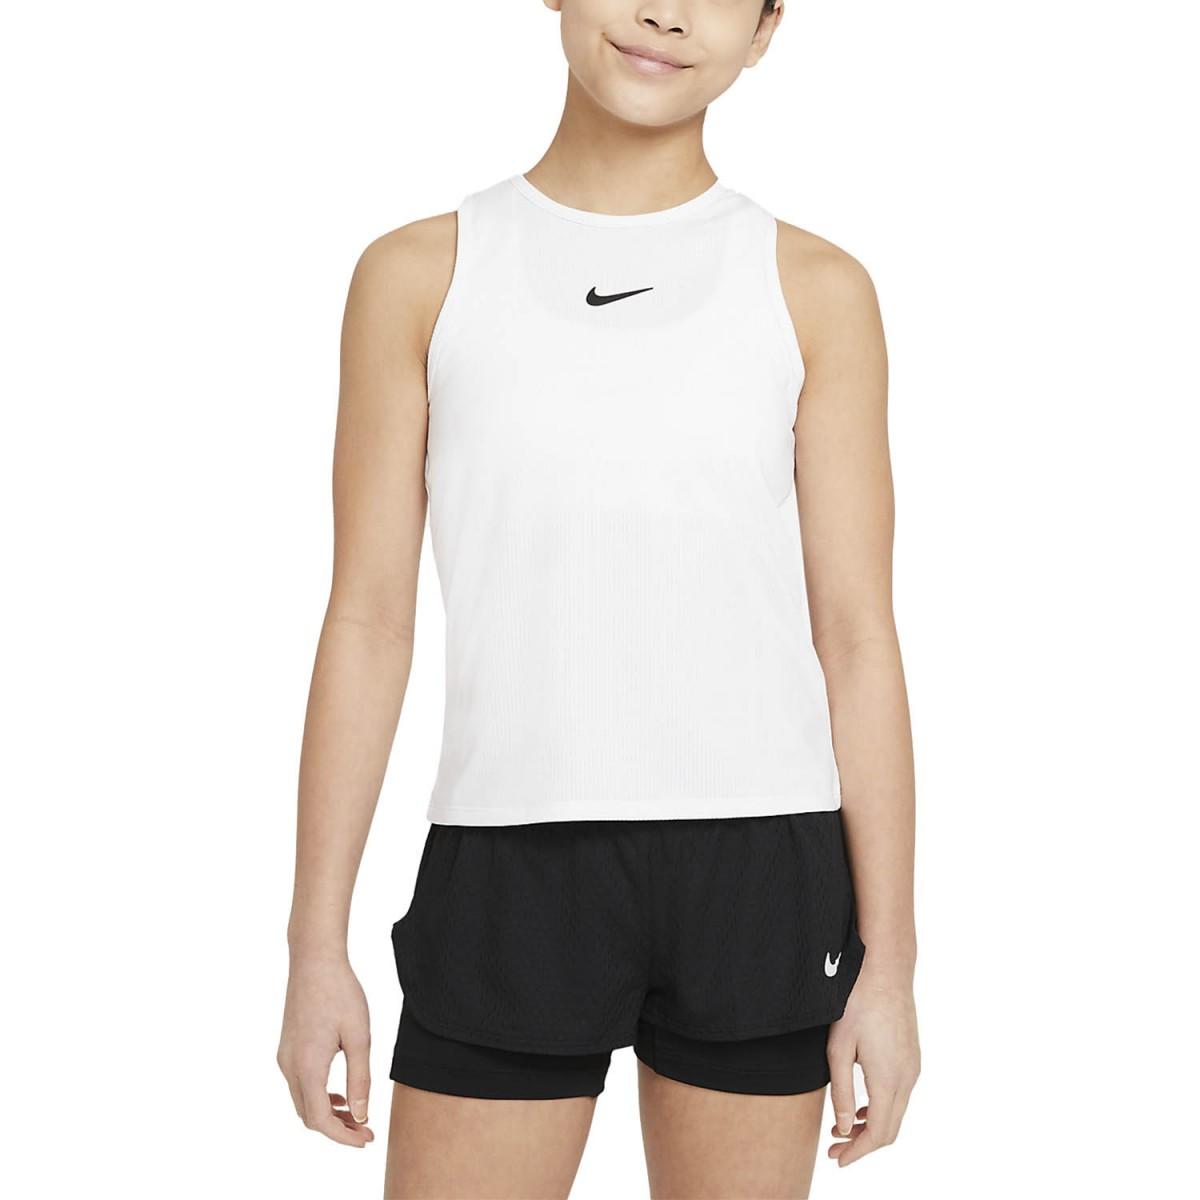 Теннисная майка для девочек Nike Court Victory Tank white/black